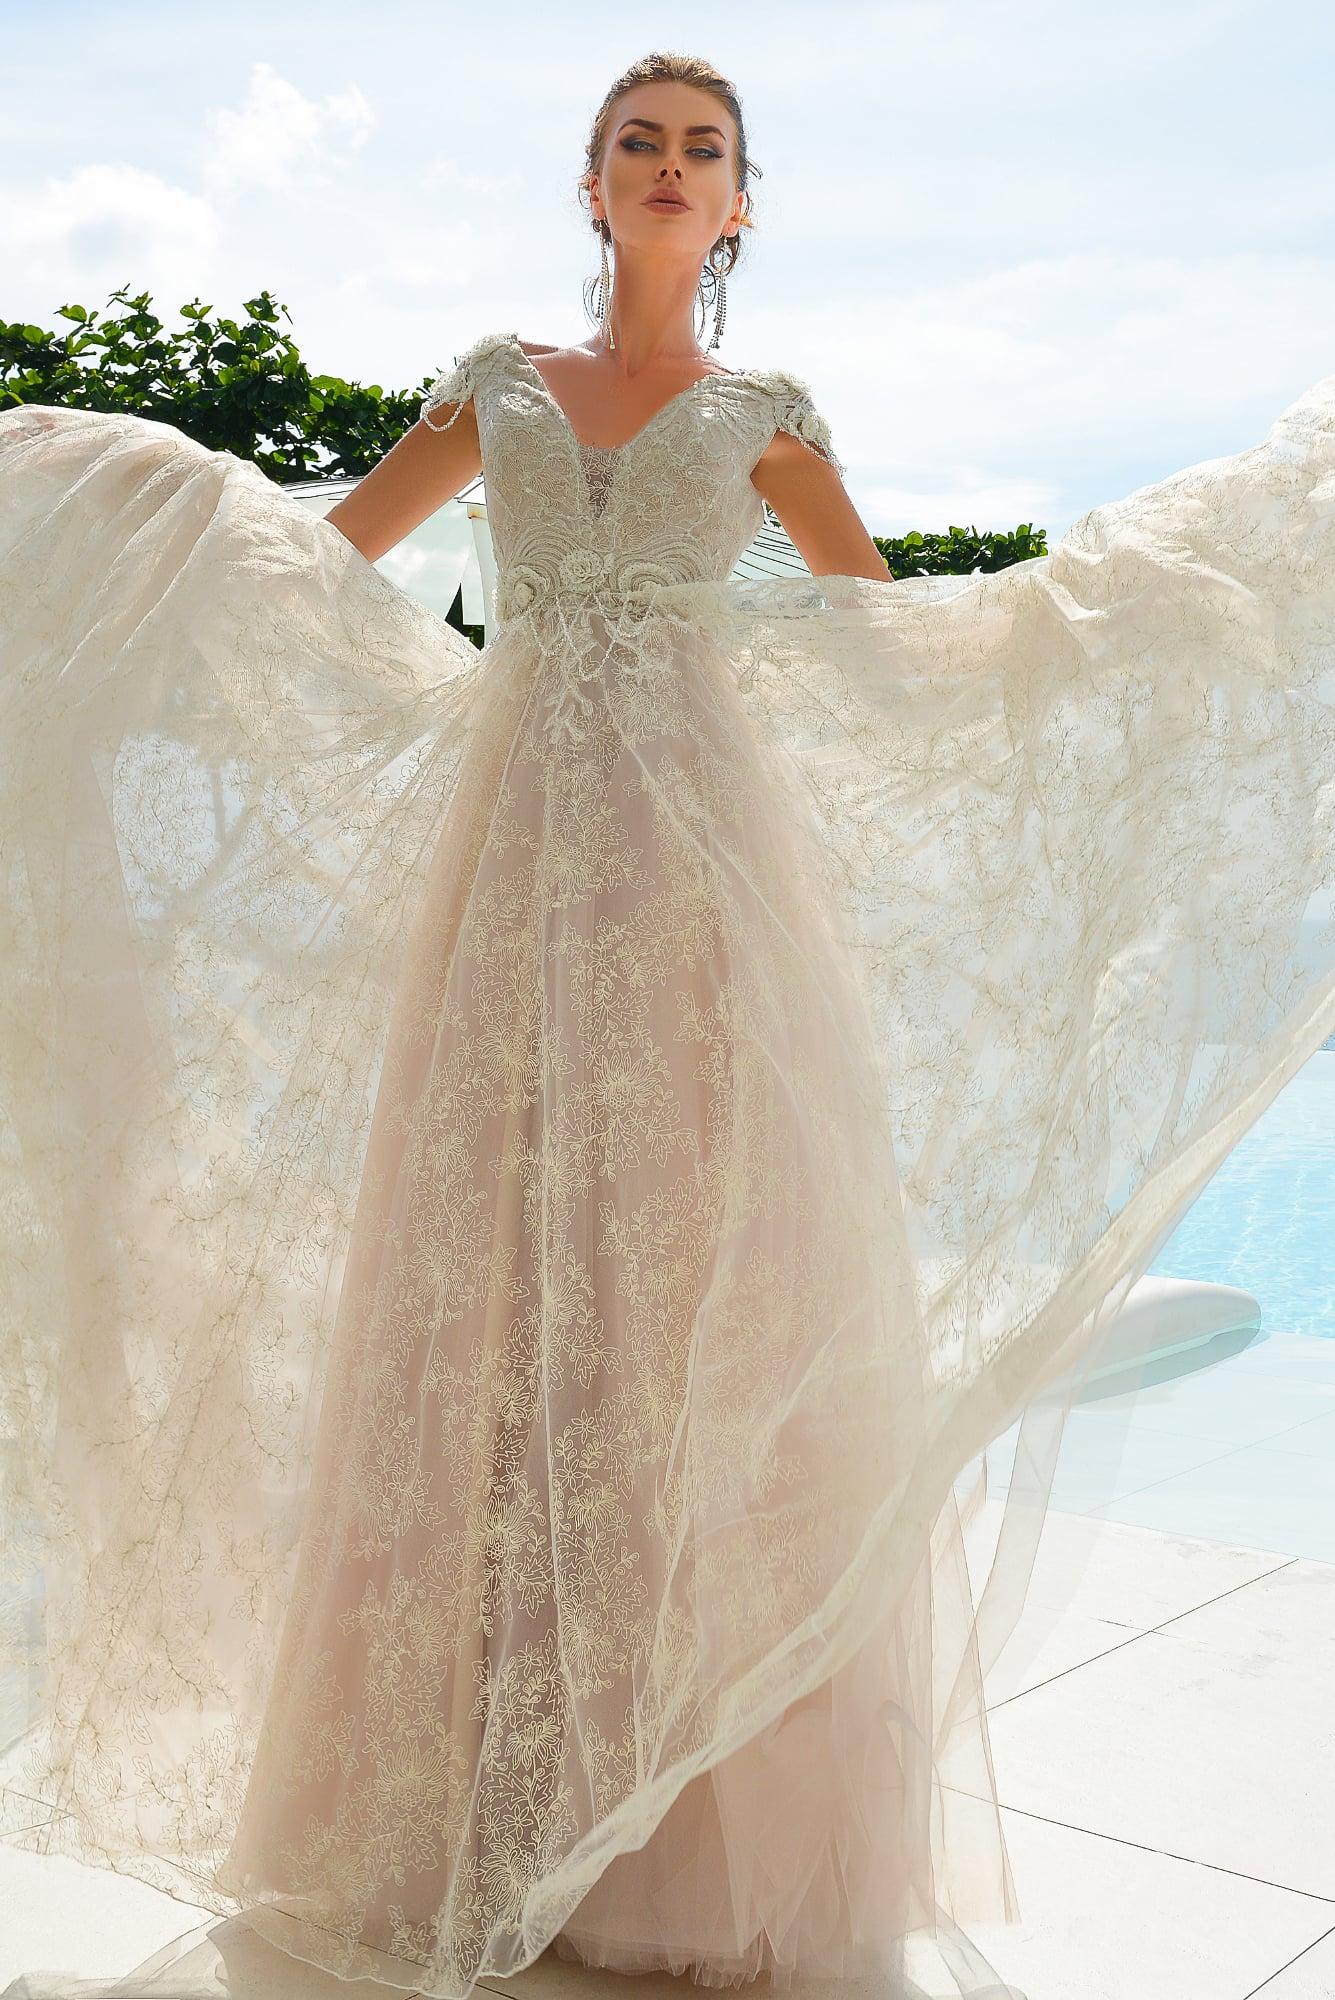 Бежевое свадебное платье, оформленное по всей длине тонким цветочным кружевом.